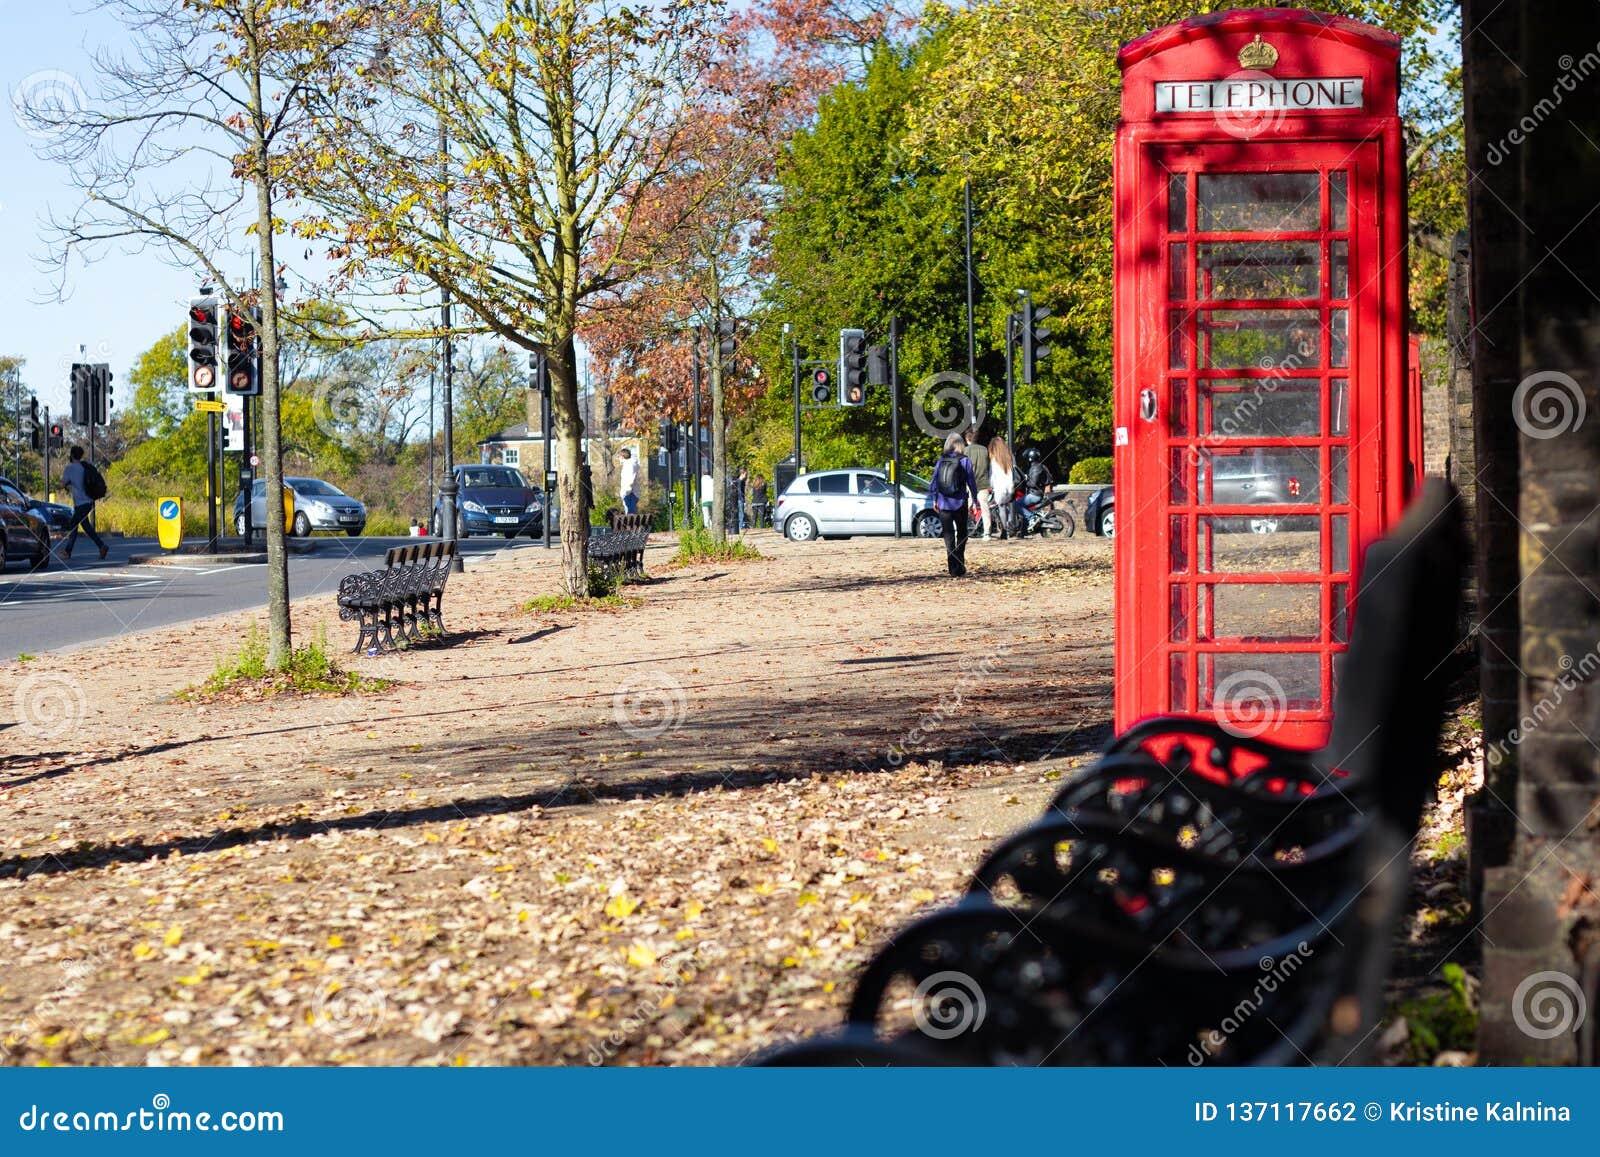 Cabine de telefone vermelha de Londres em um parque